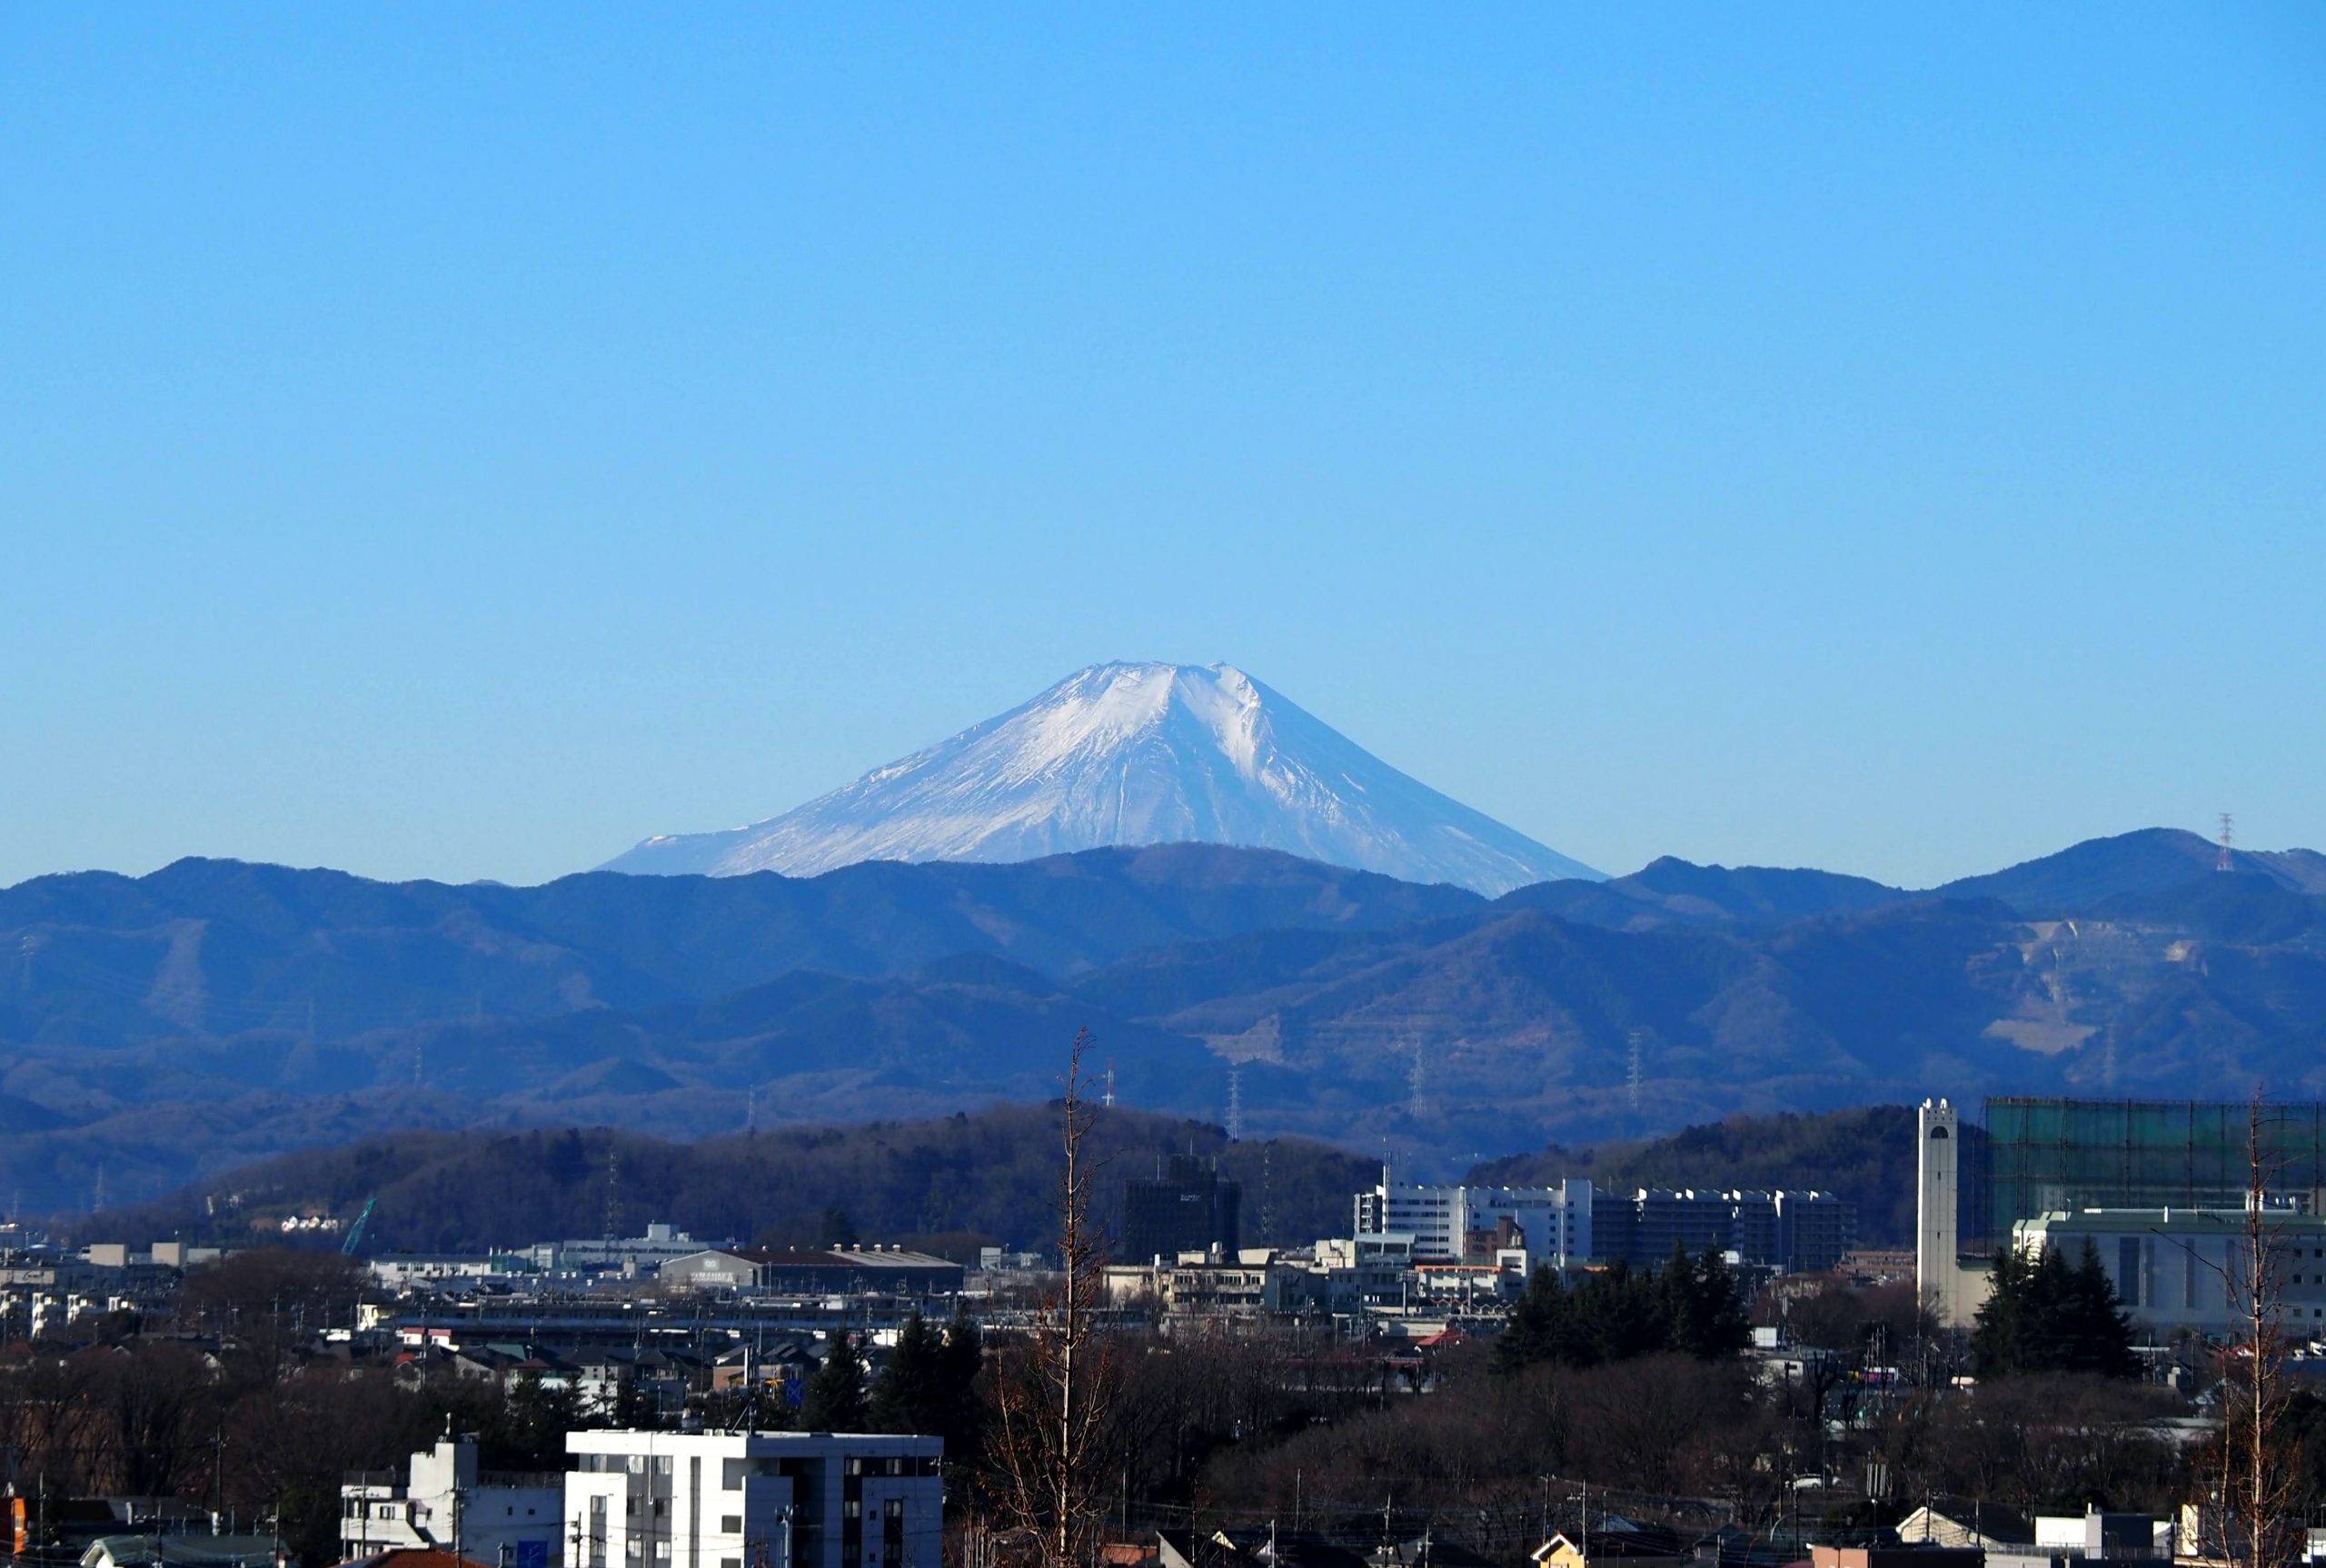 瑞穂ビューパーク・スカイホールから見える富士山